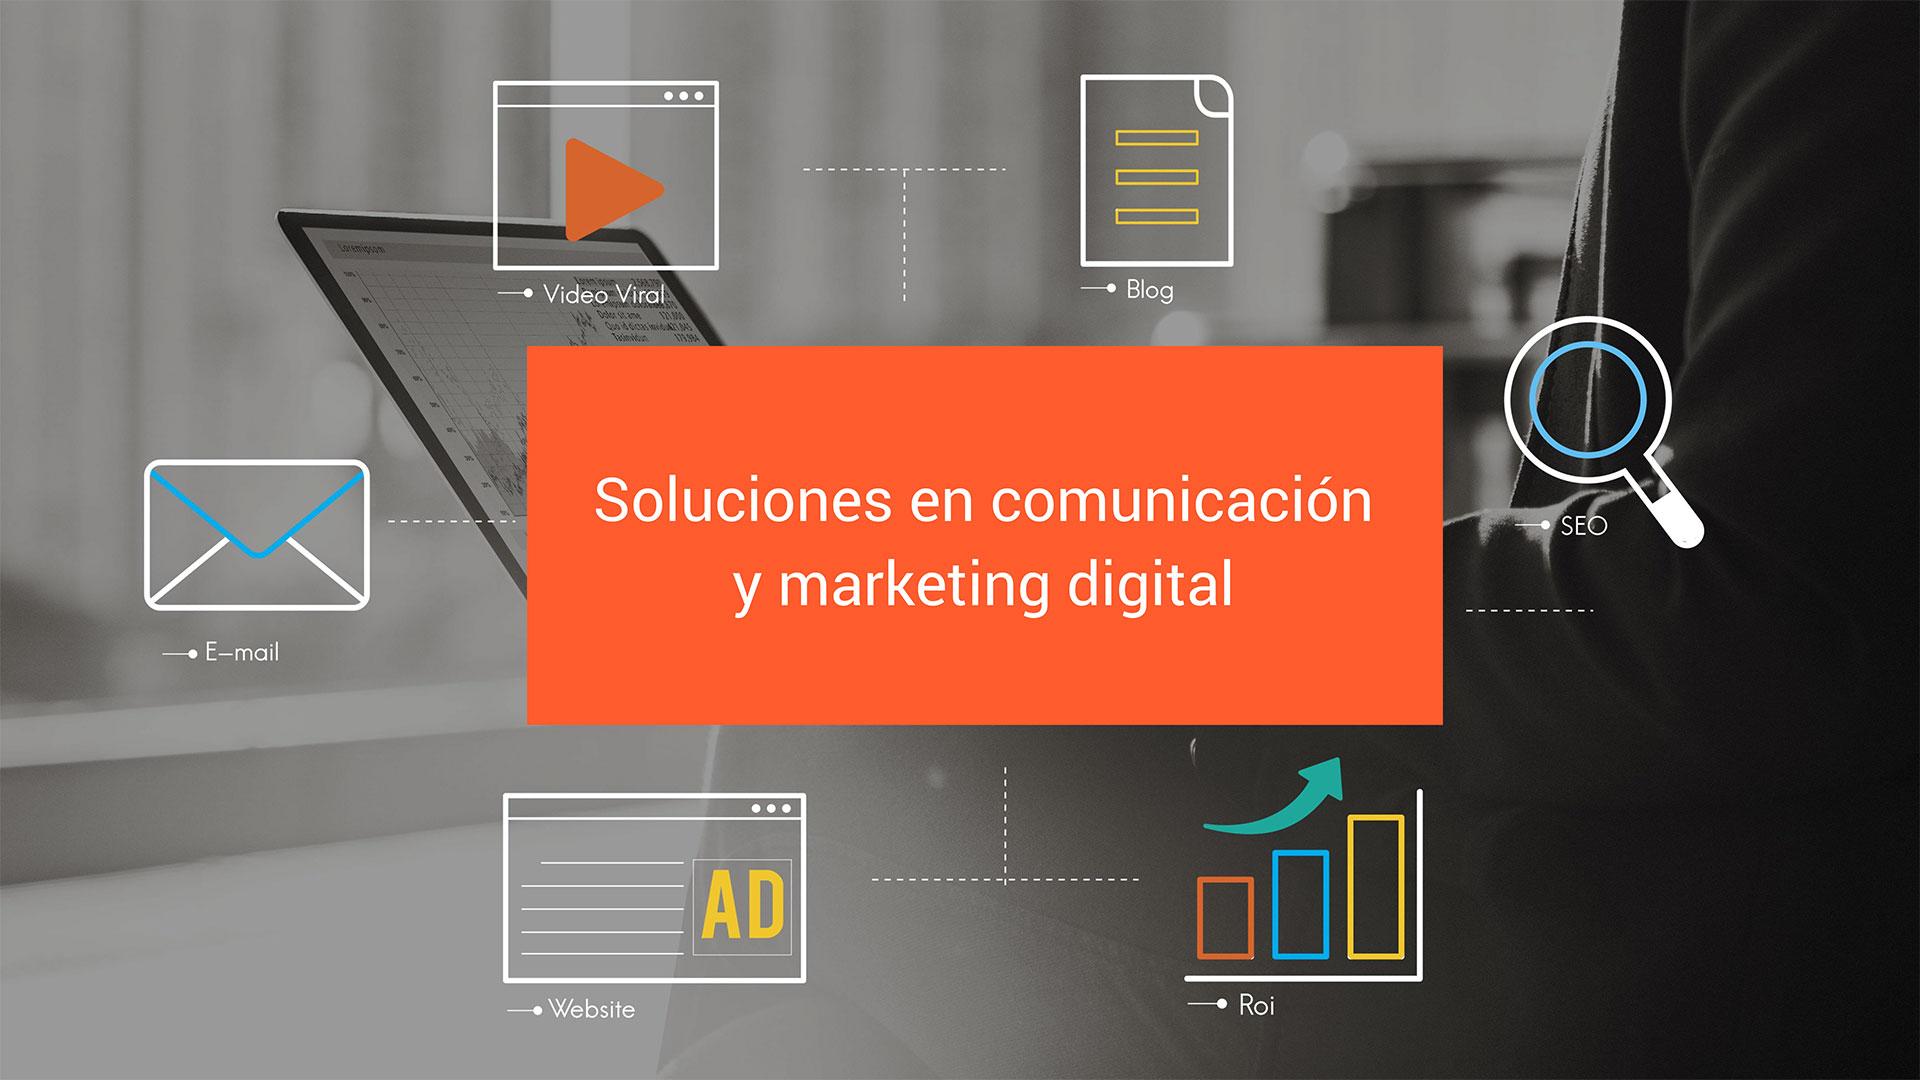 Soluciones comunicación y marketing digital